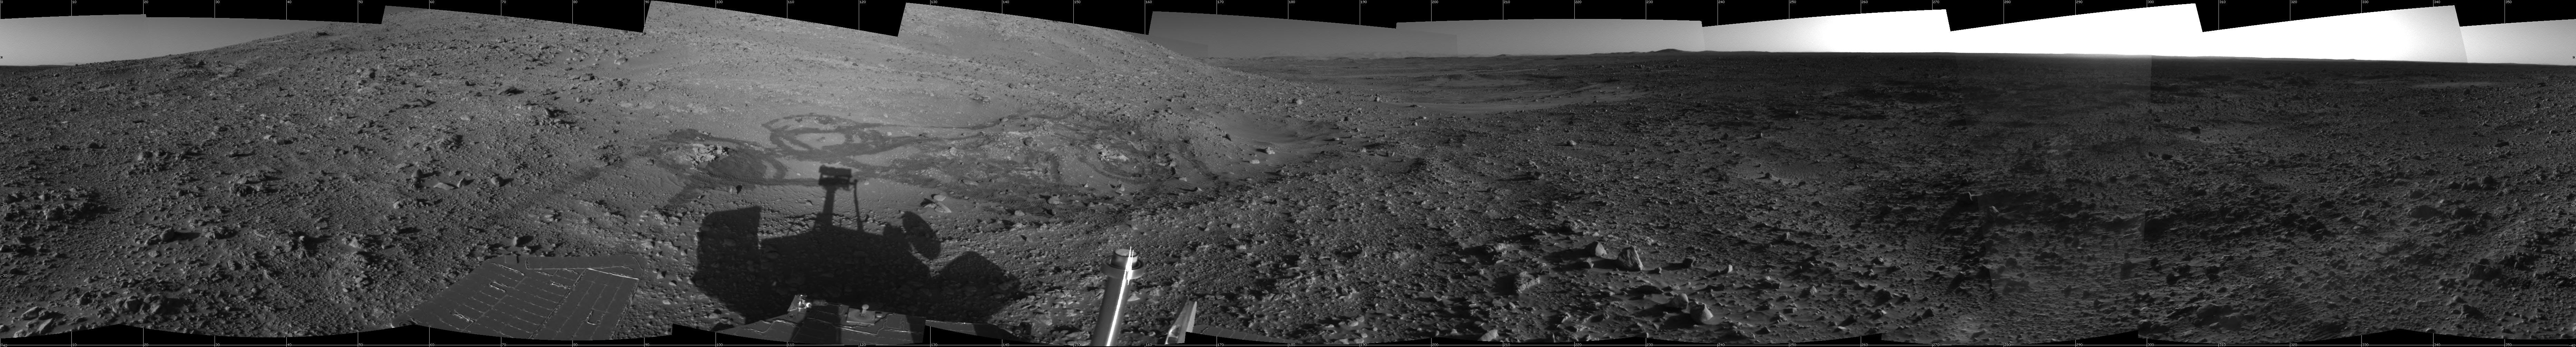 Le rover Spirit à Engineering Flats sur Mars